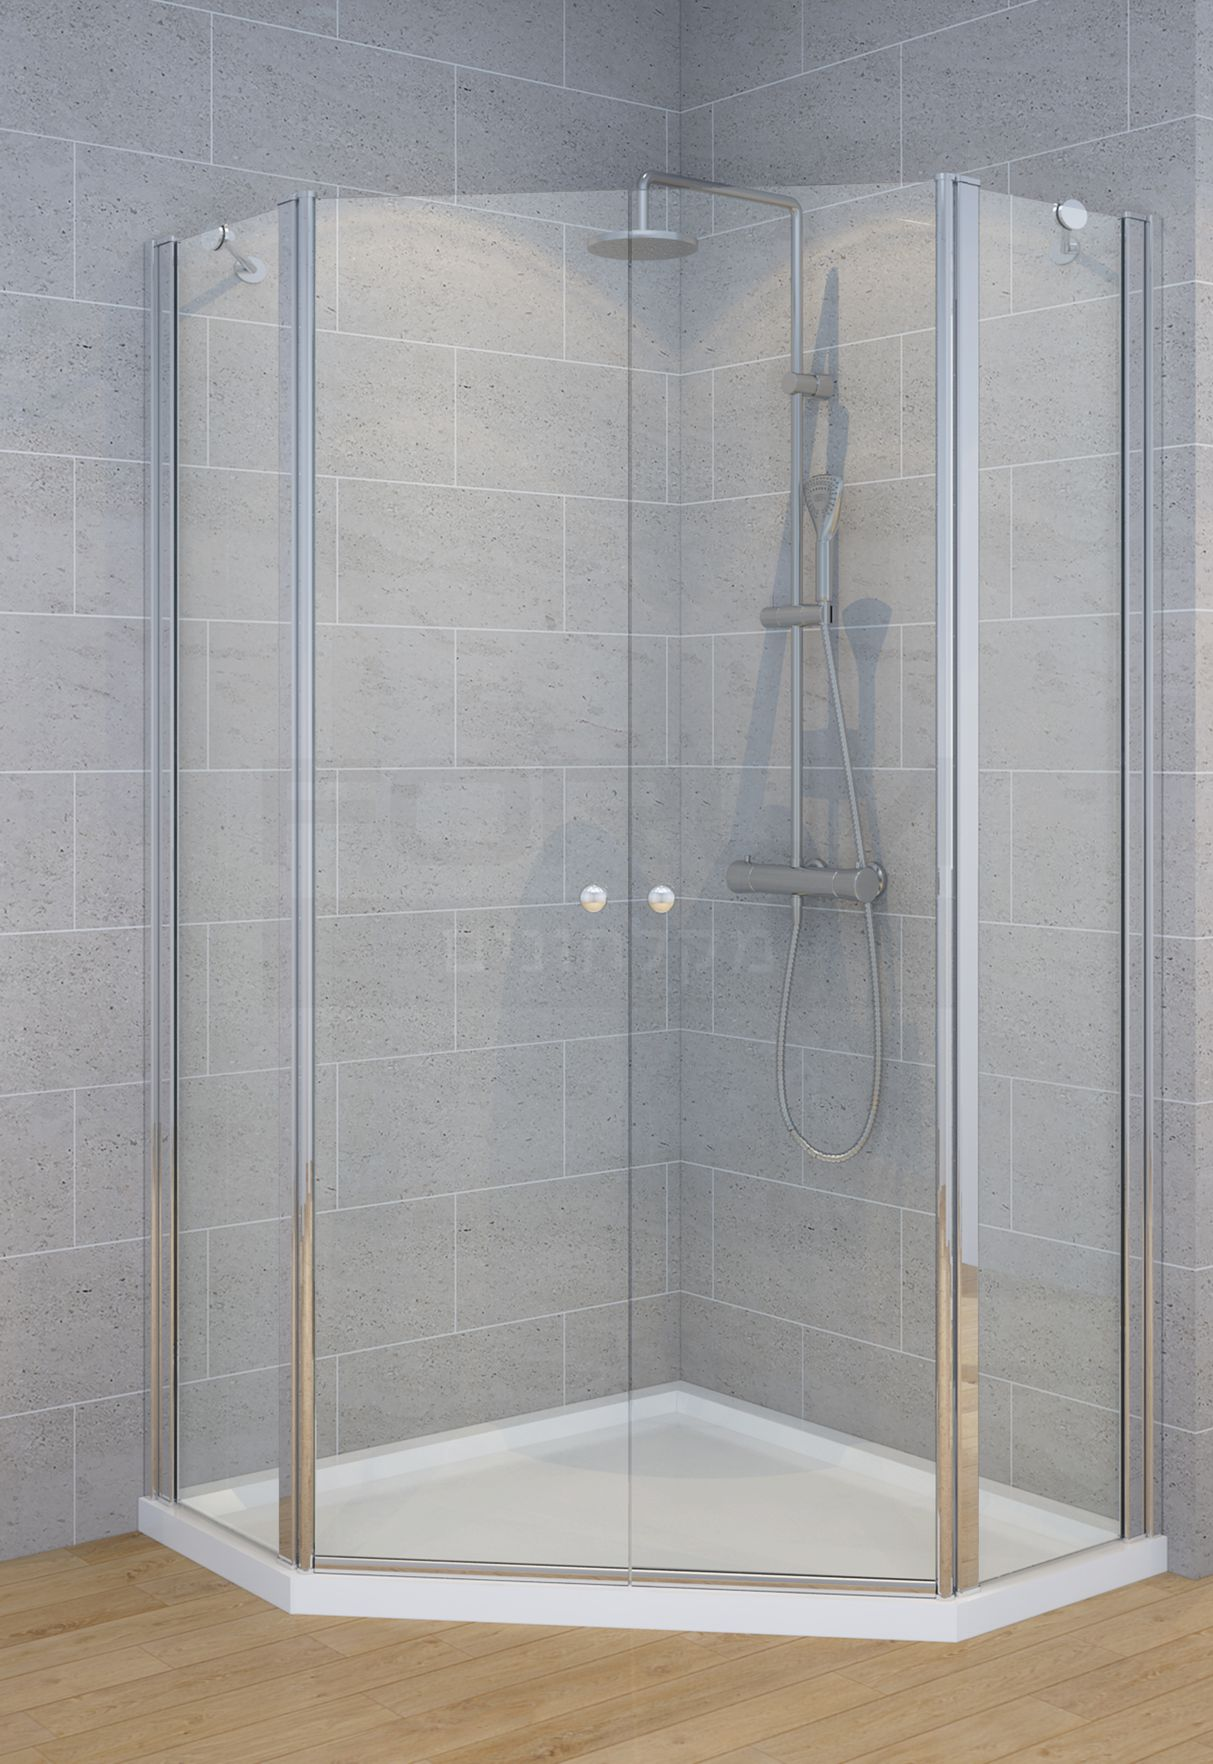 מודרניסטית מקלחונים | קטגוריות מוצרים | פורום אביזרים US-84